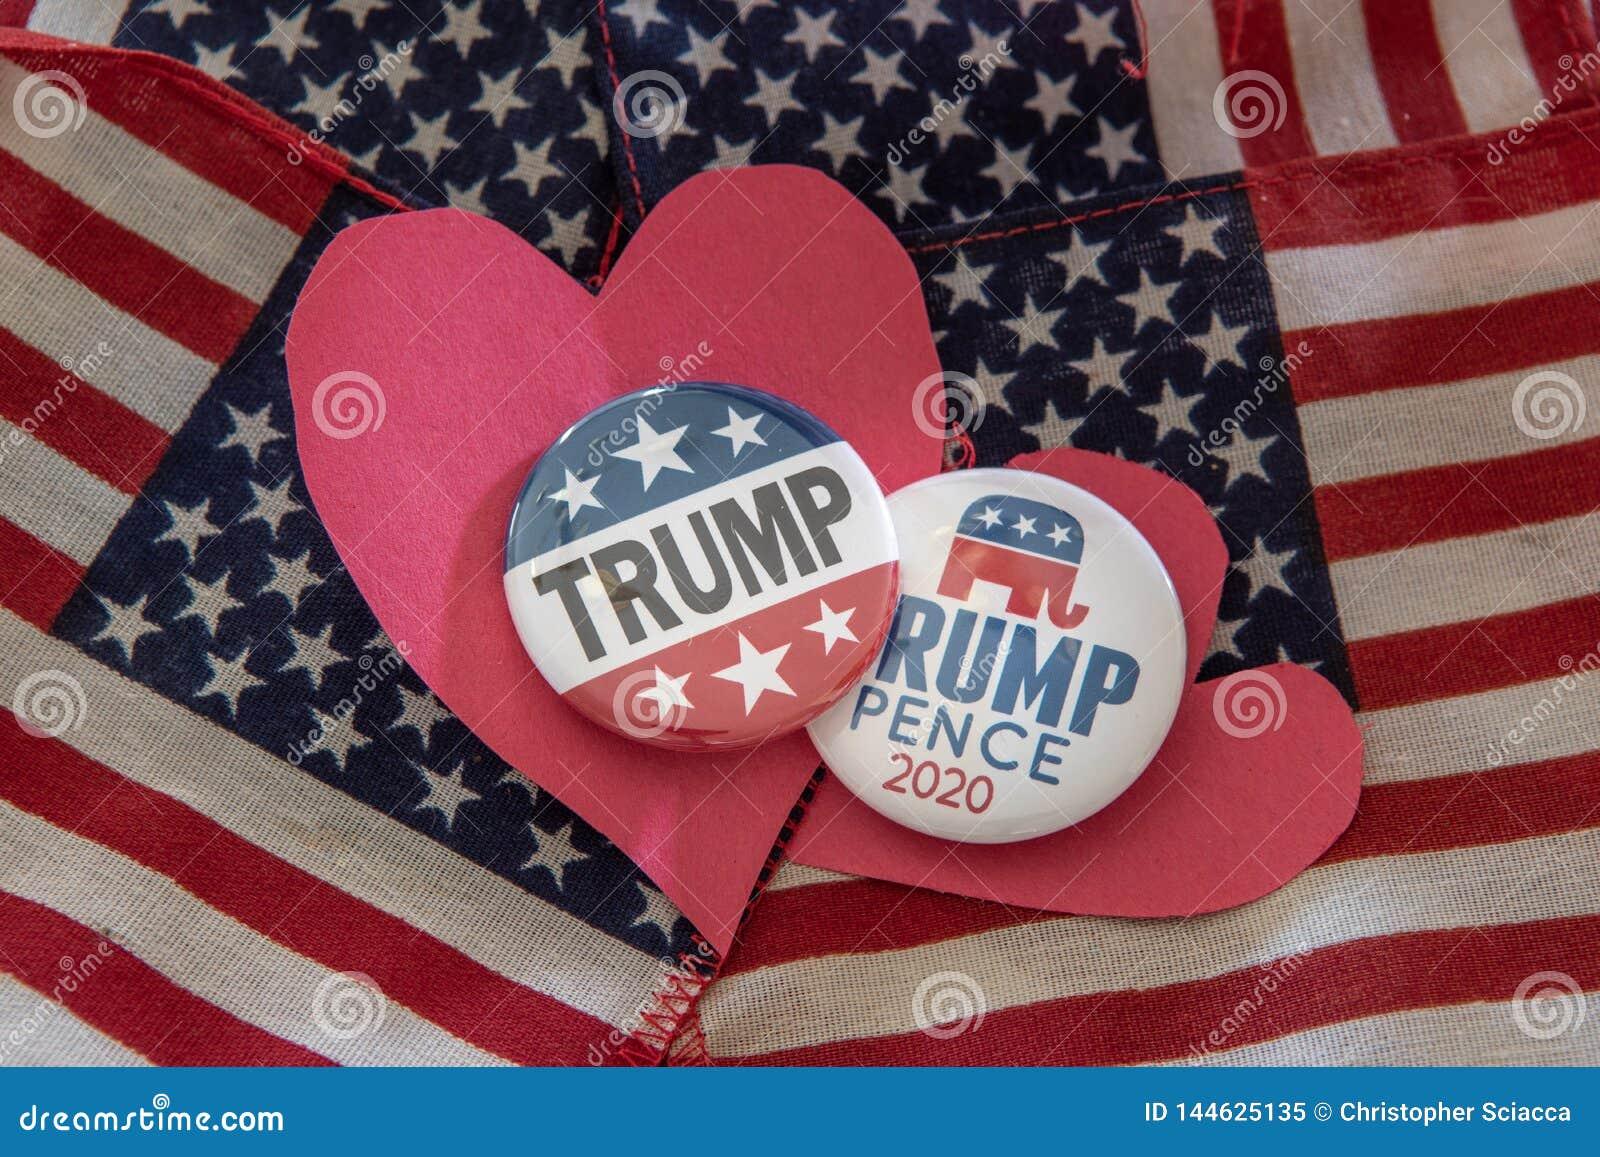 Insignias de campaña presidencial del triunfo 2020 contra bandera indicada unida